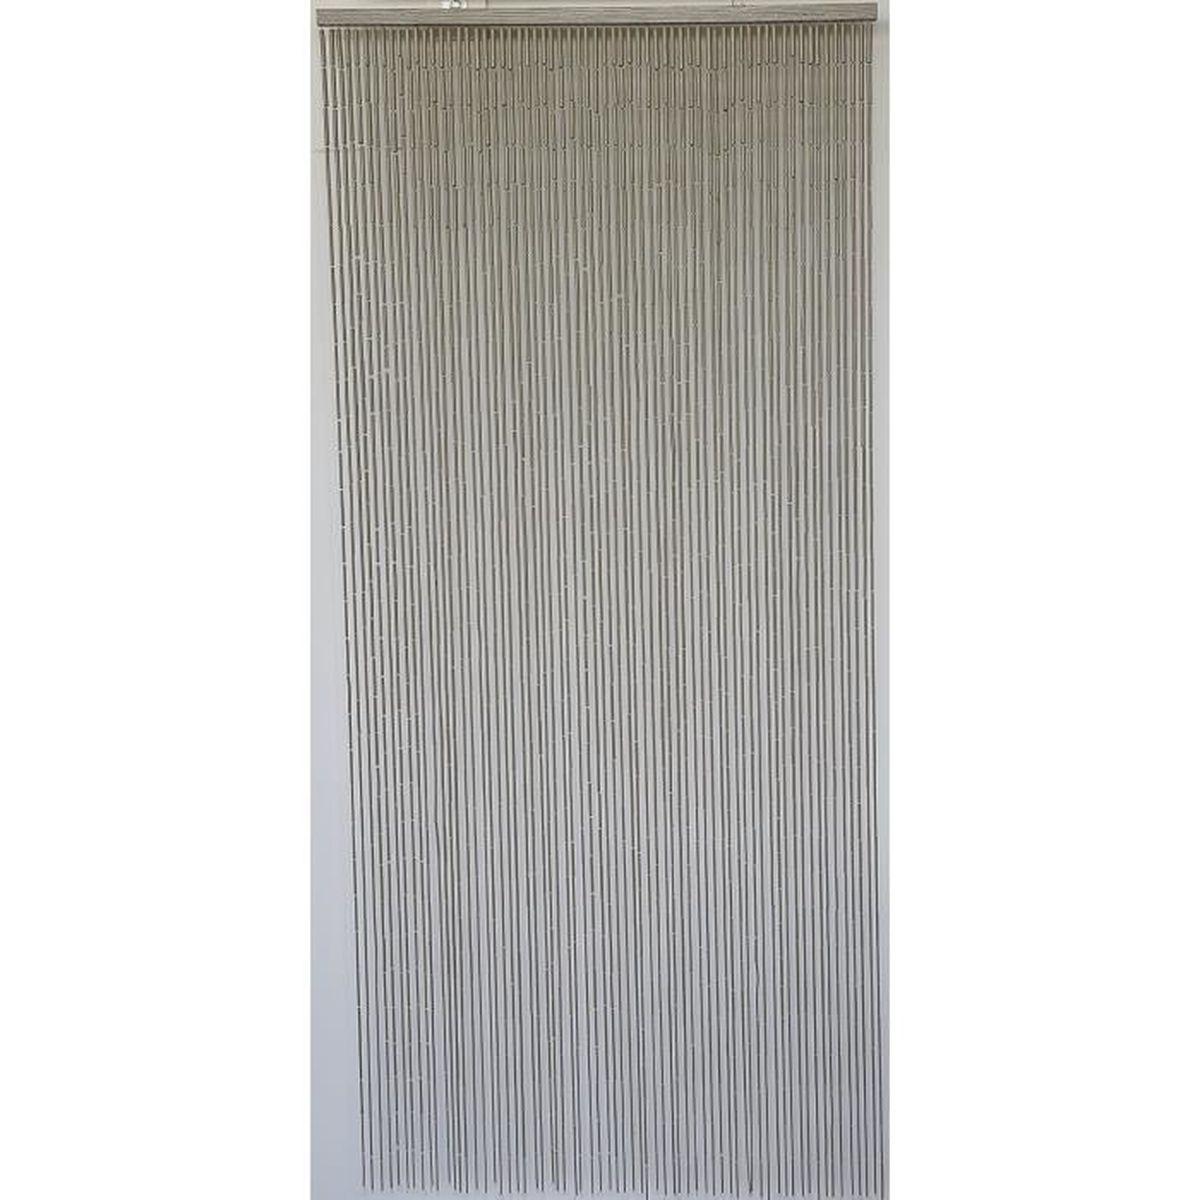 Rideau Porte D Entrée rideau de porte perles bambou, intérieur et extérieur, porte